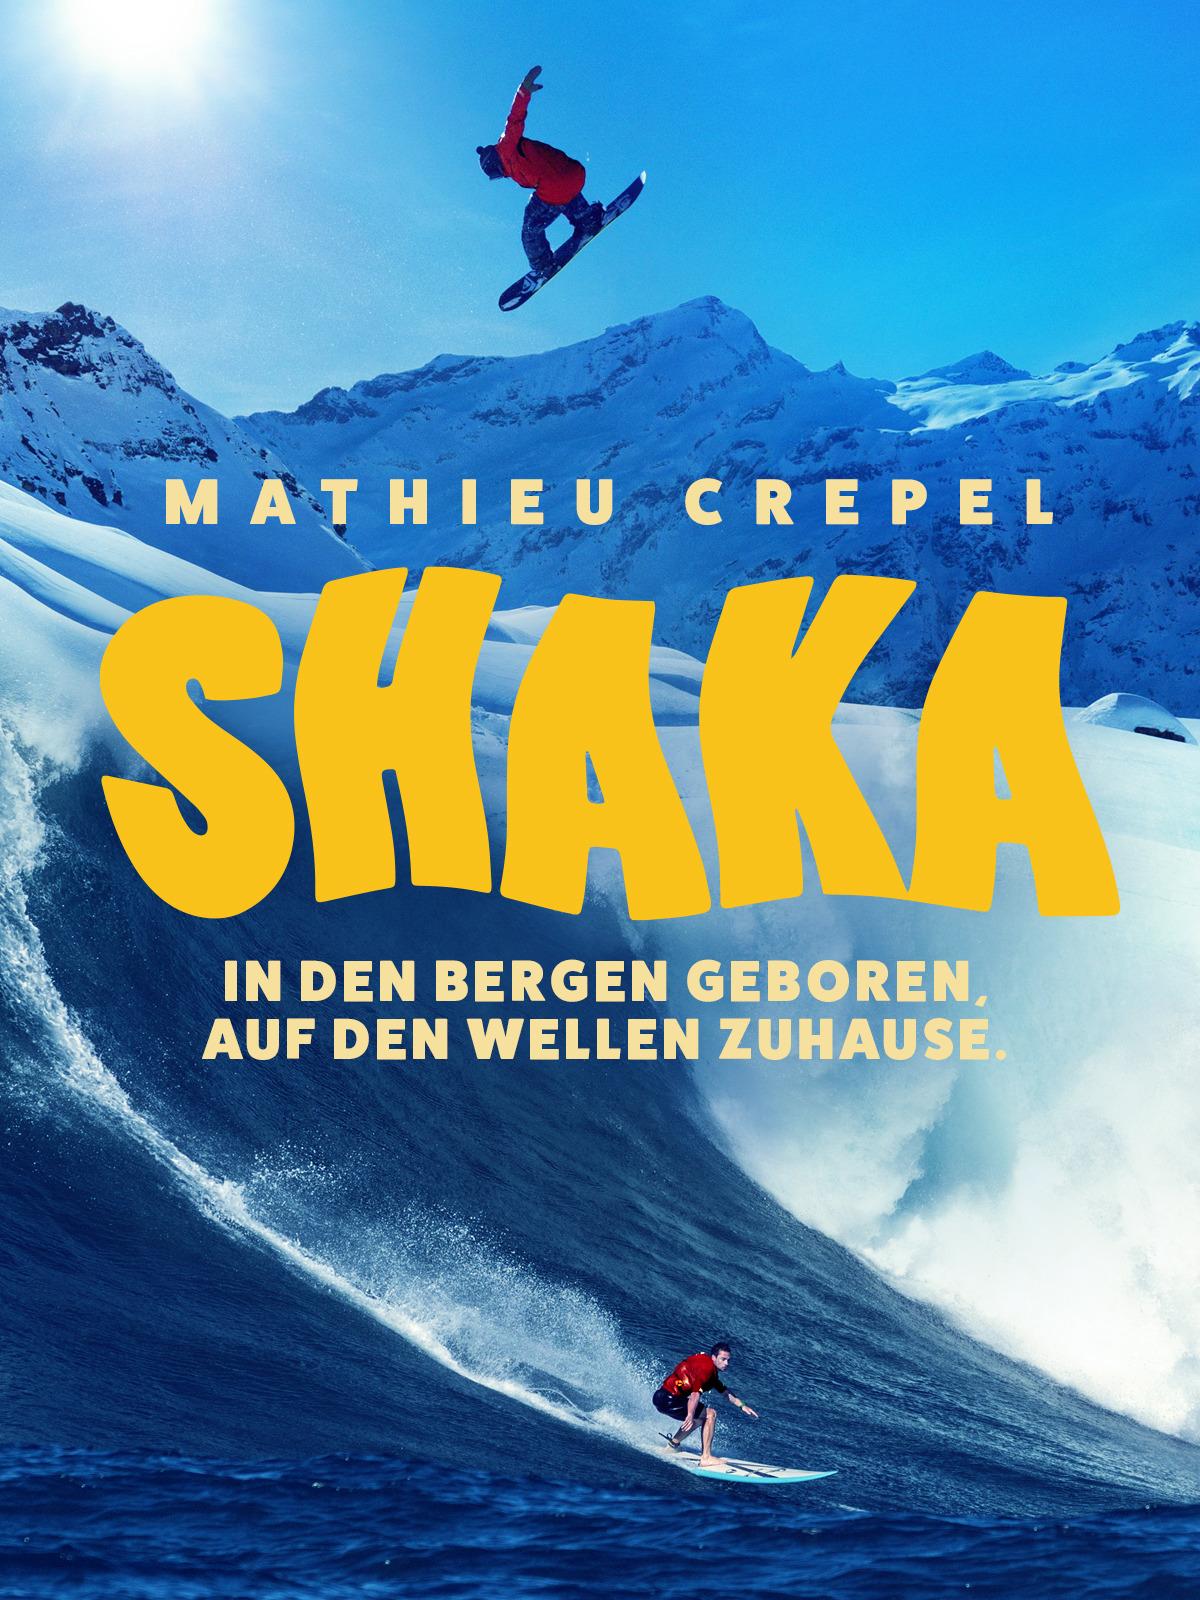 Shaka: In den Bergen geboren, auf den Wellen zuhause.